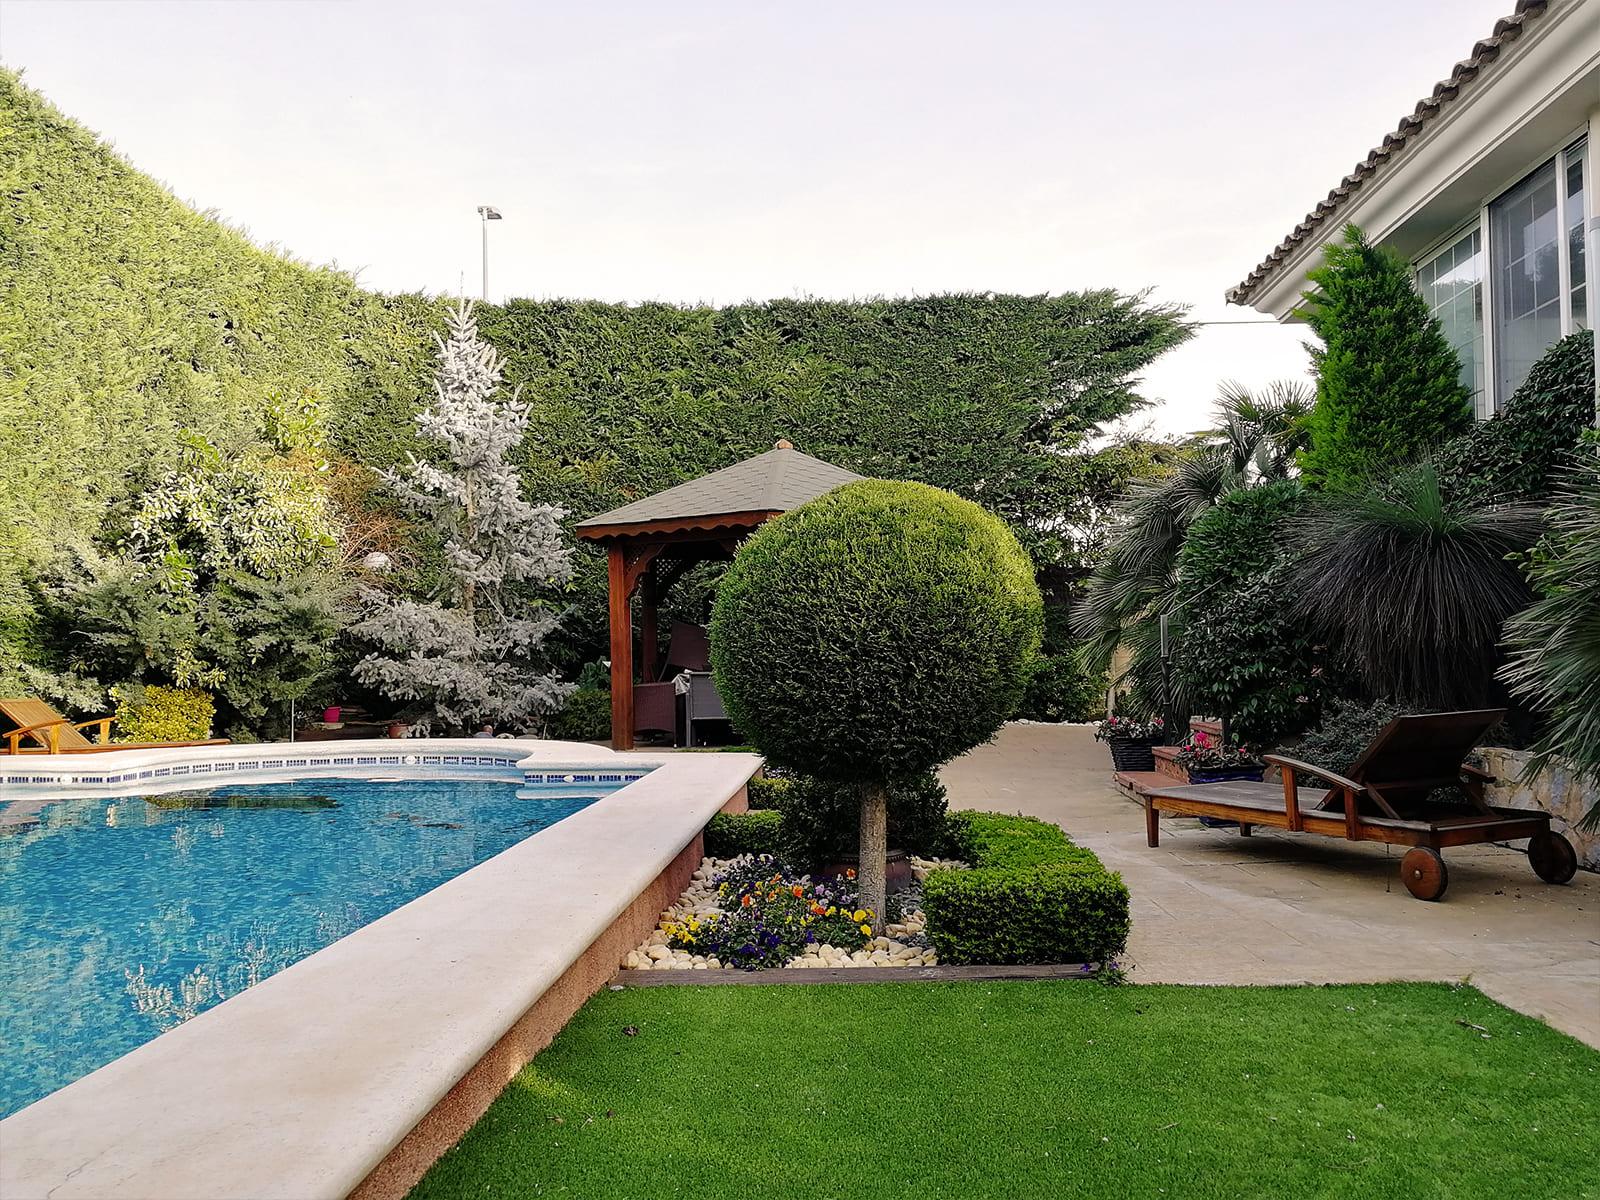 diseño-jardines-jardin-piscina-IN-03_HIDROJARDIN-Bañeres